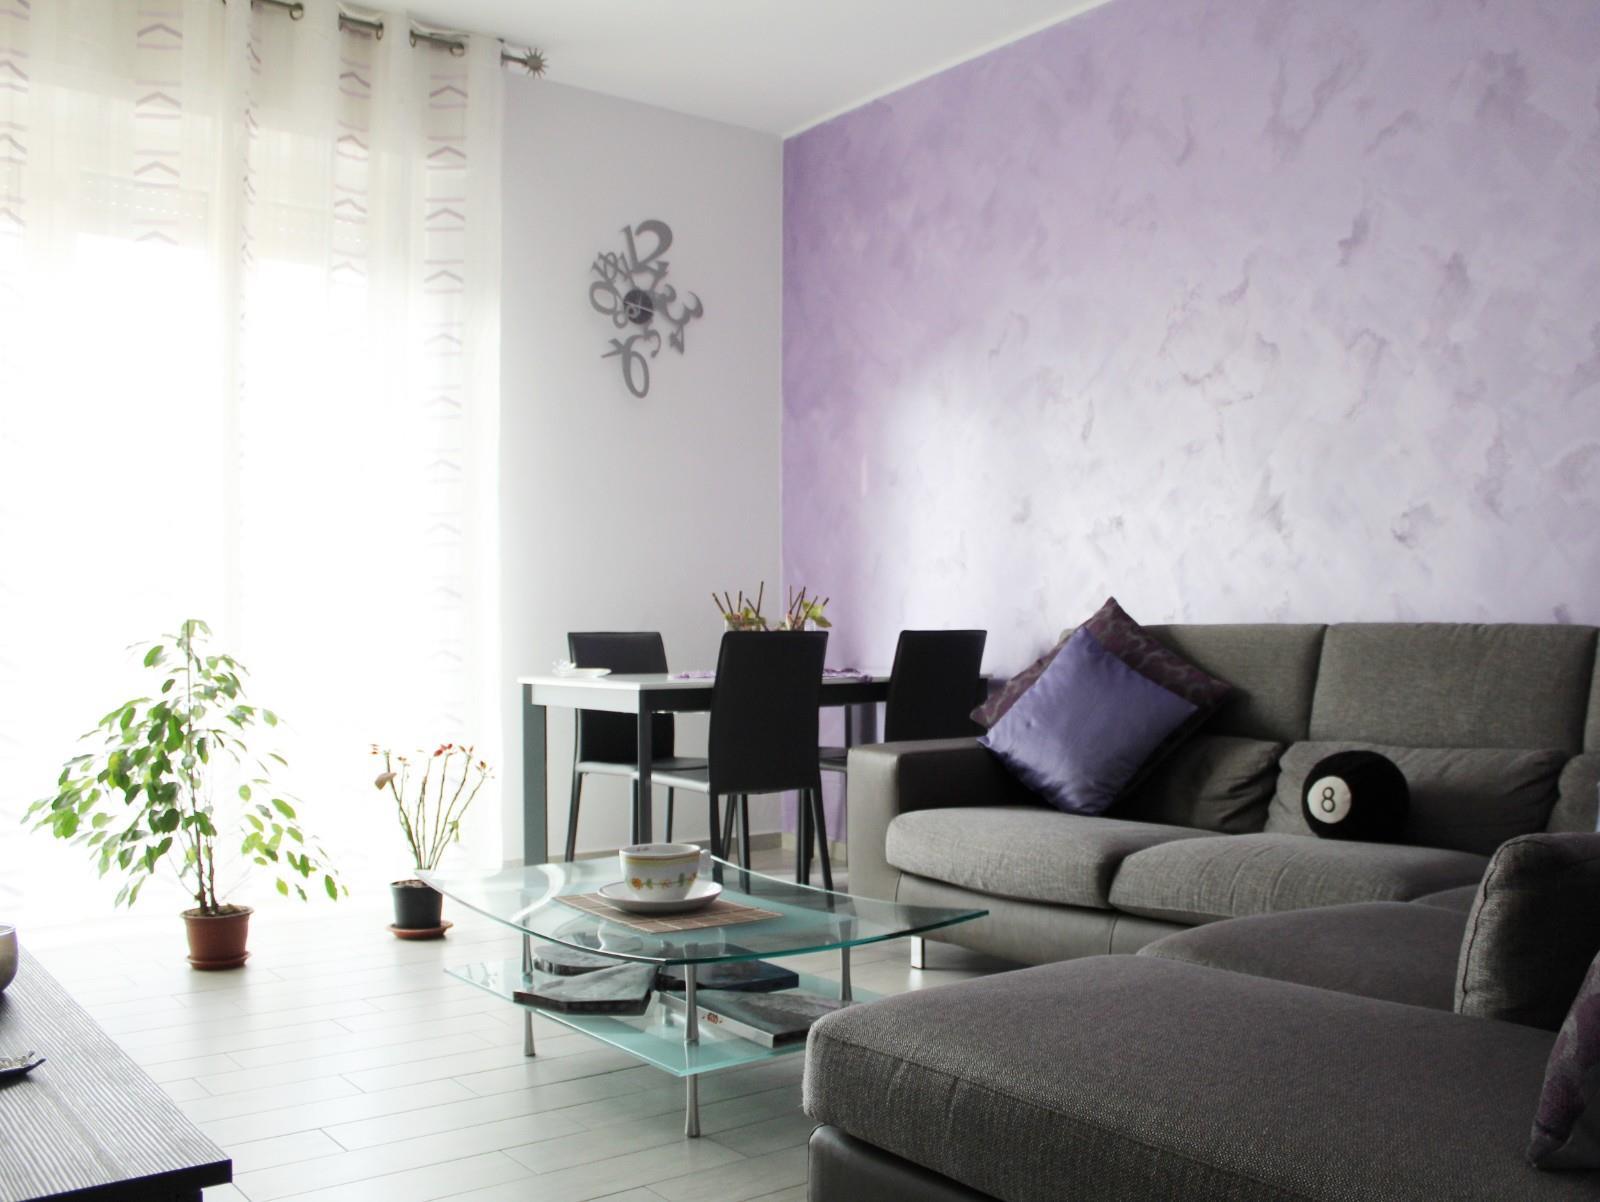 Foto 4 - Appartamento in Vendita - Carate Brianza (Monza e Brianza)